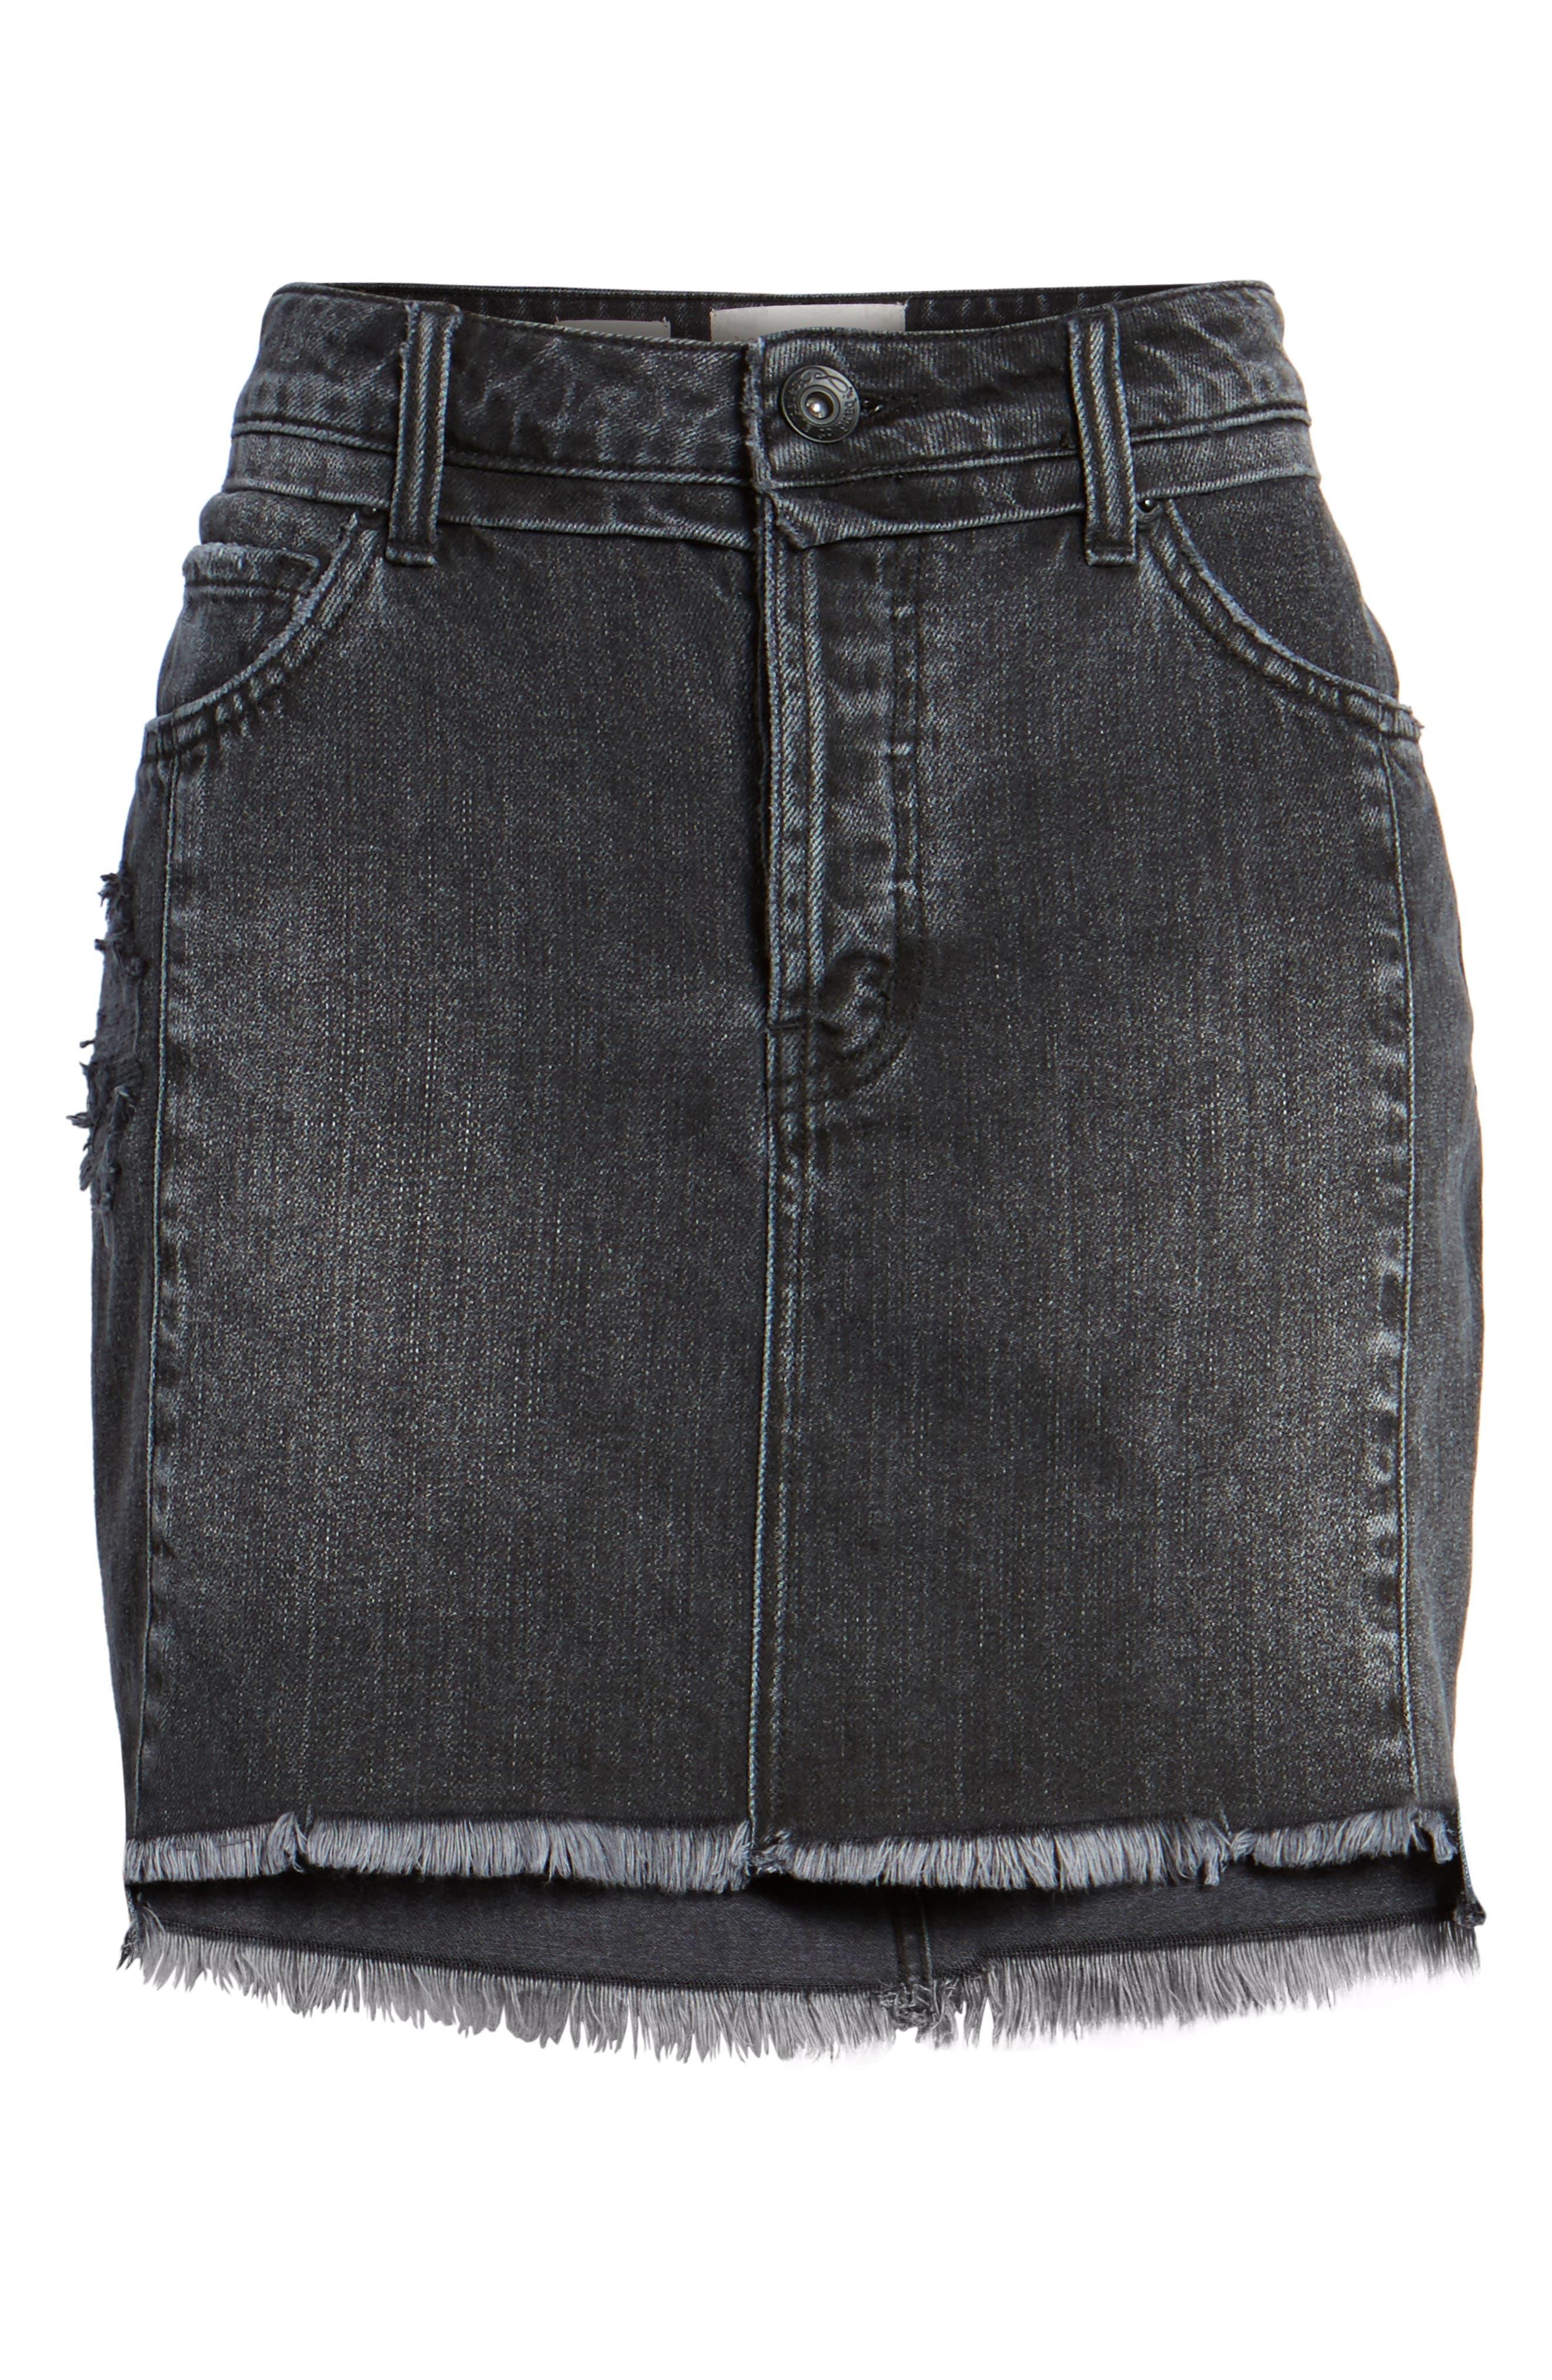 Eve Step Hem Denim Miniskirt,                             Alternate thumbnail 6, color,                             Beat Fest Black